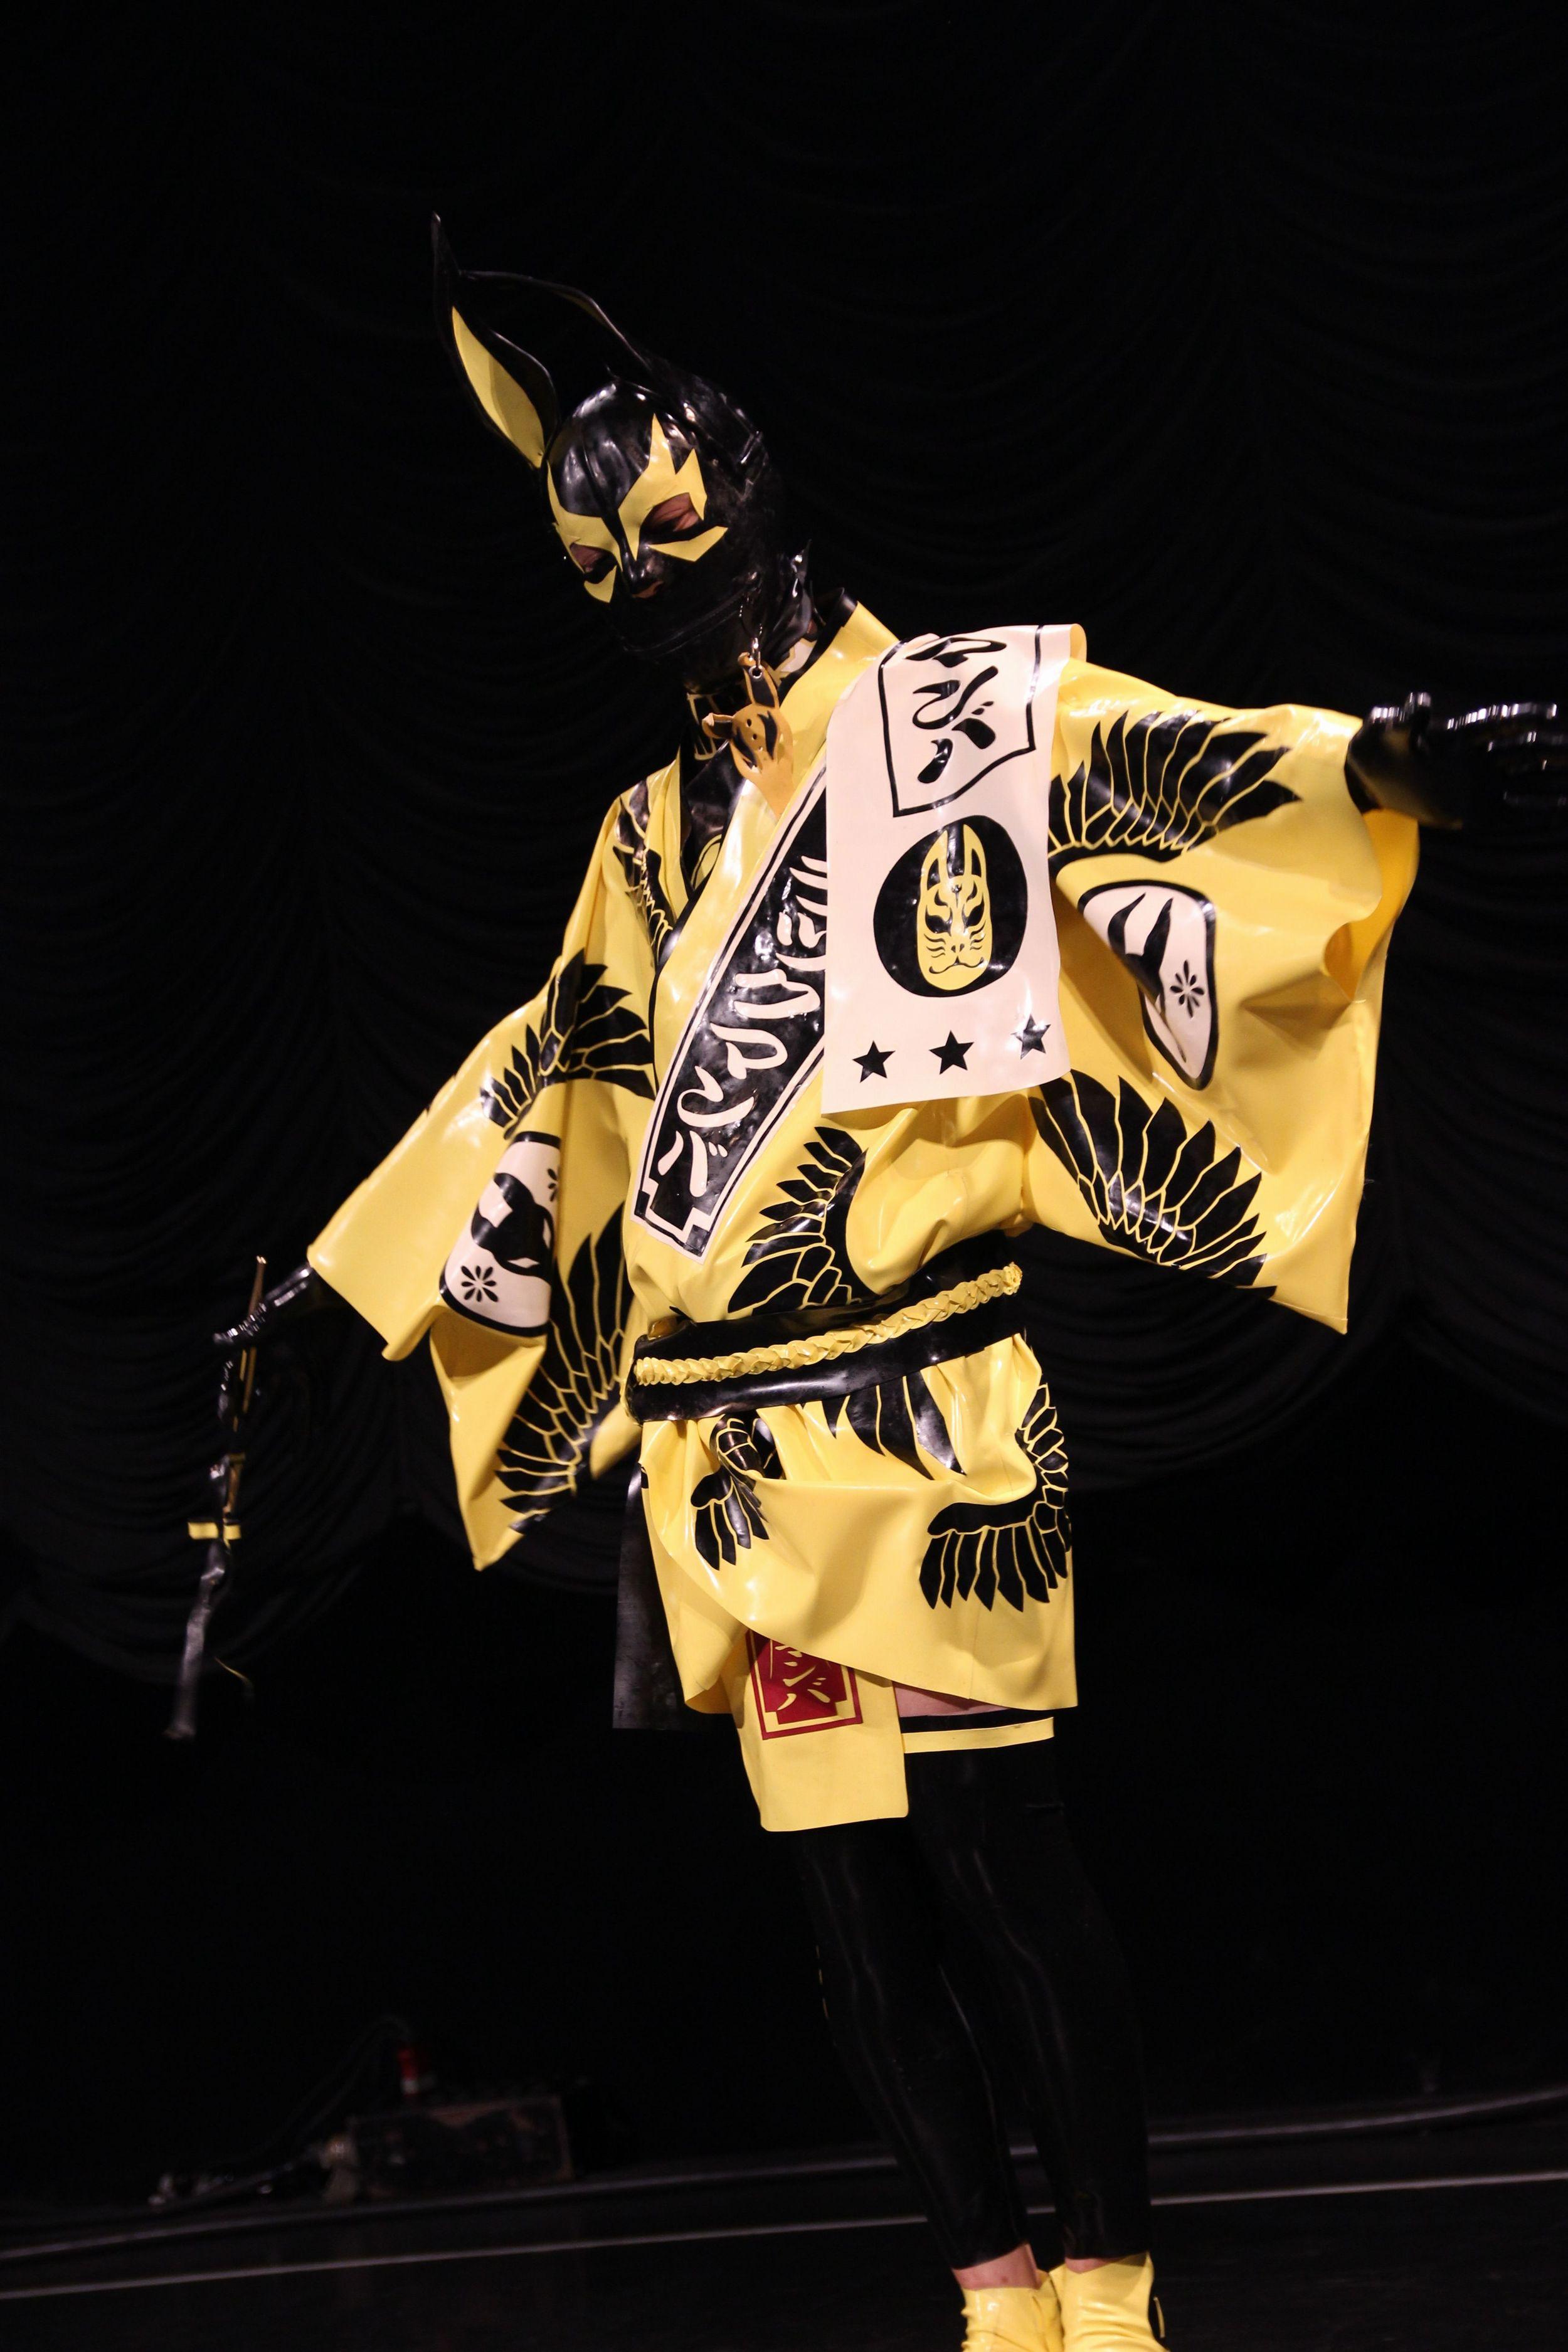 デパートメントH 2099@鶯谷東京キネマ倶楽部 2015年5月~大ゴム祭 サエボーグ/ラバリスト・ウォーキング/Kurageファッションショー